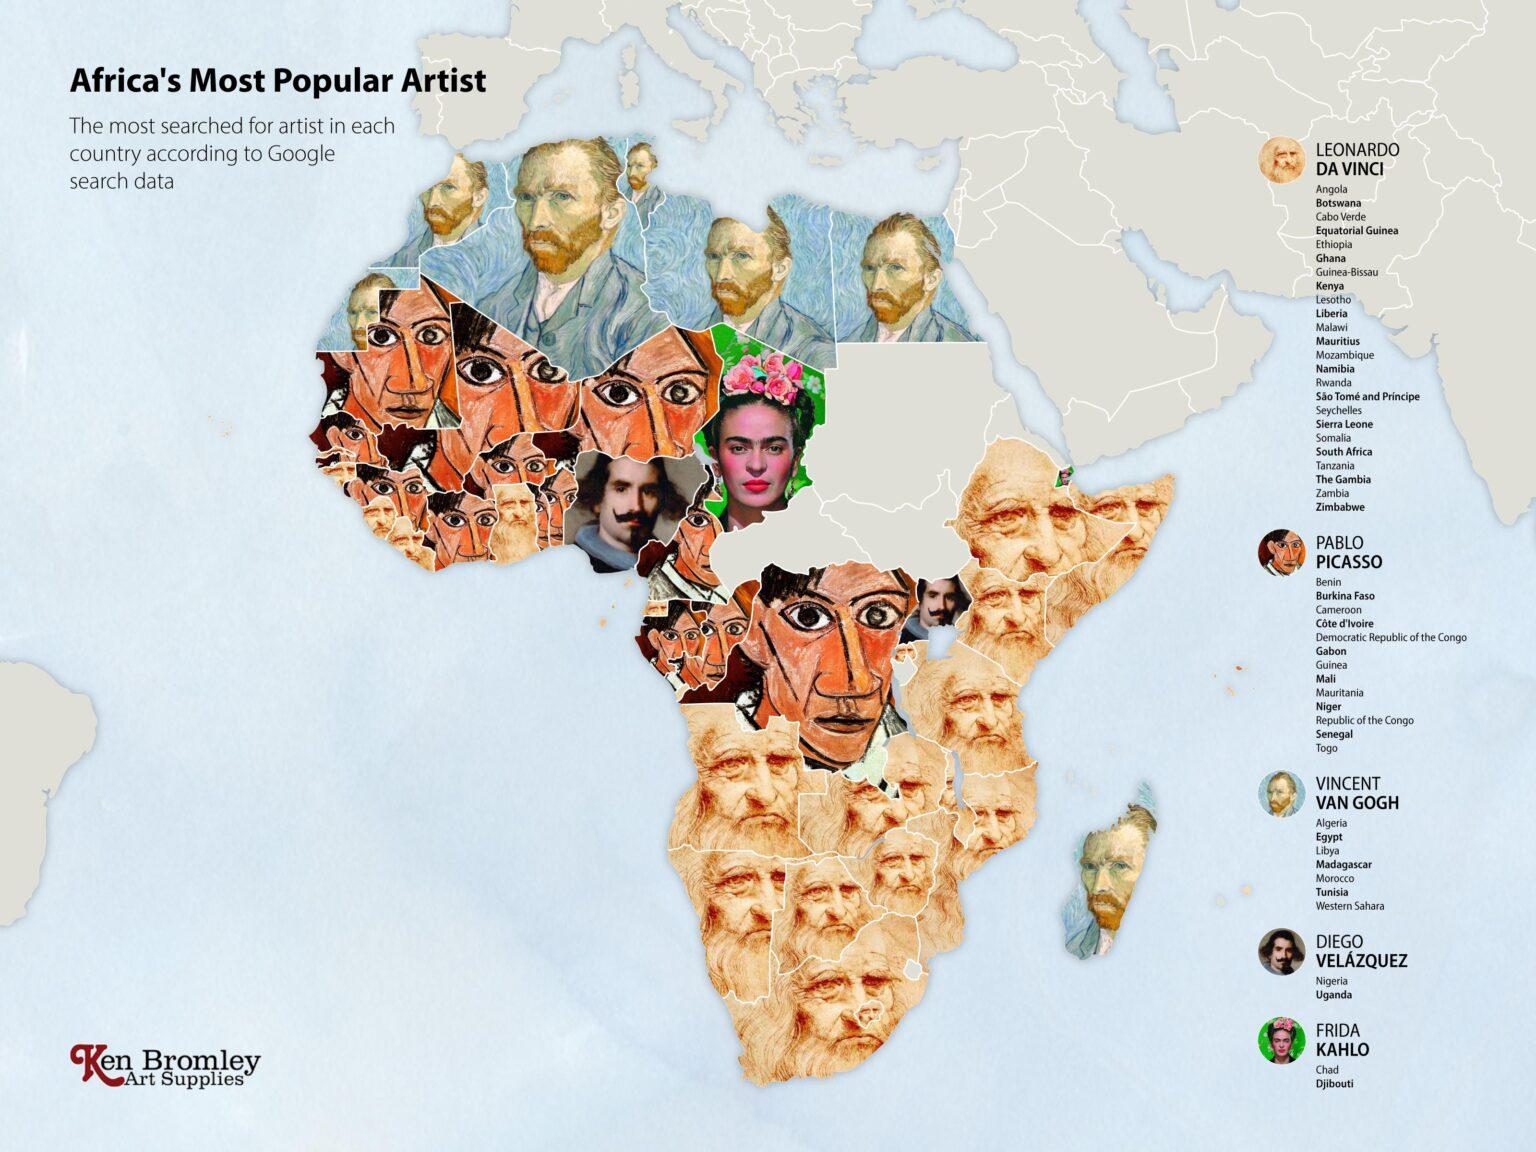 Οι πιο δημοφιλείς καλλιτέχνες στην Αφρική, Φωτογραφία/credits: Ken Bromley Art Supplies